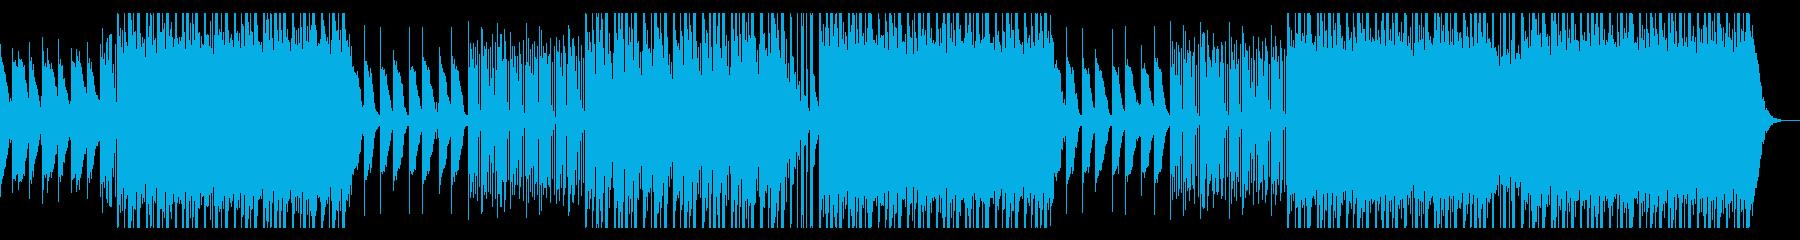 洋楽 ダークなトラップビートの再生済みの波形